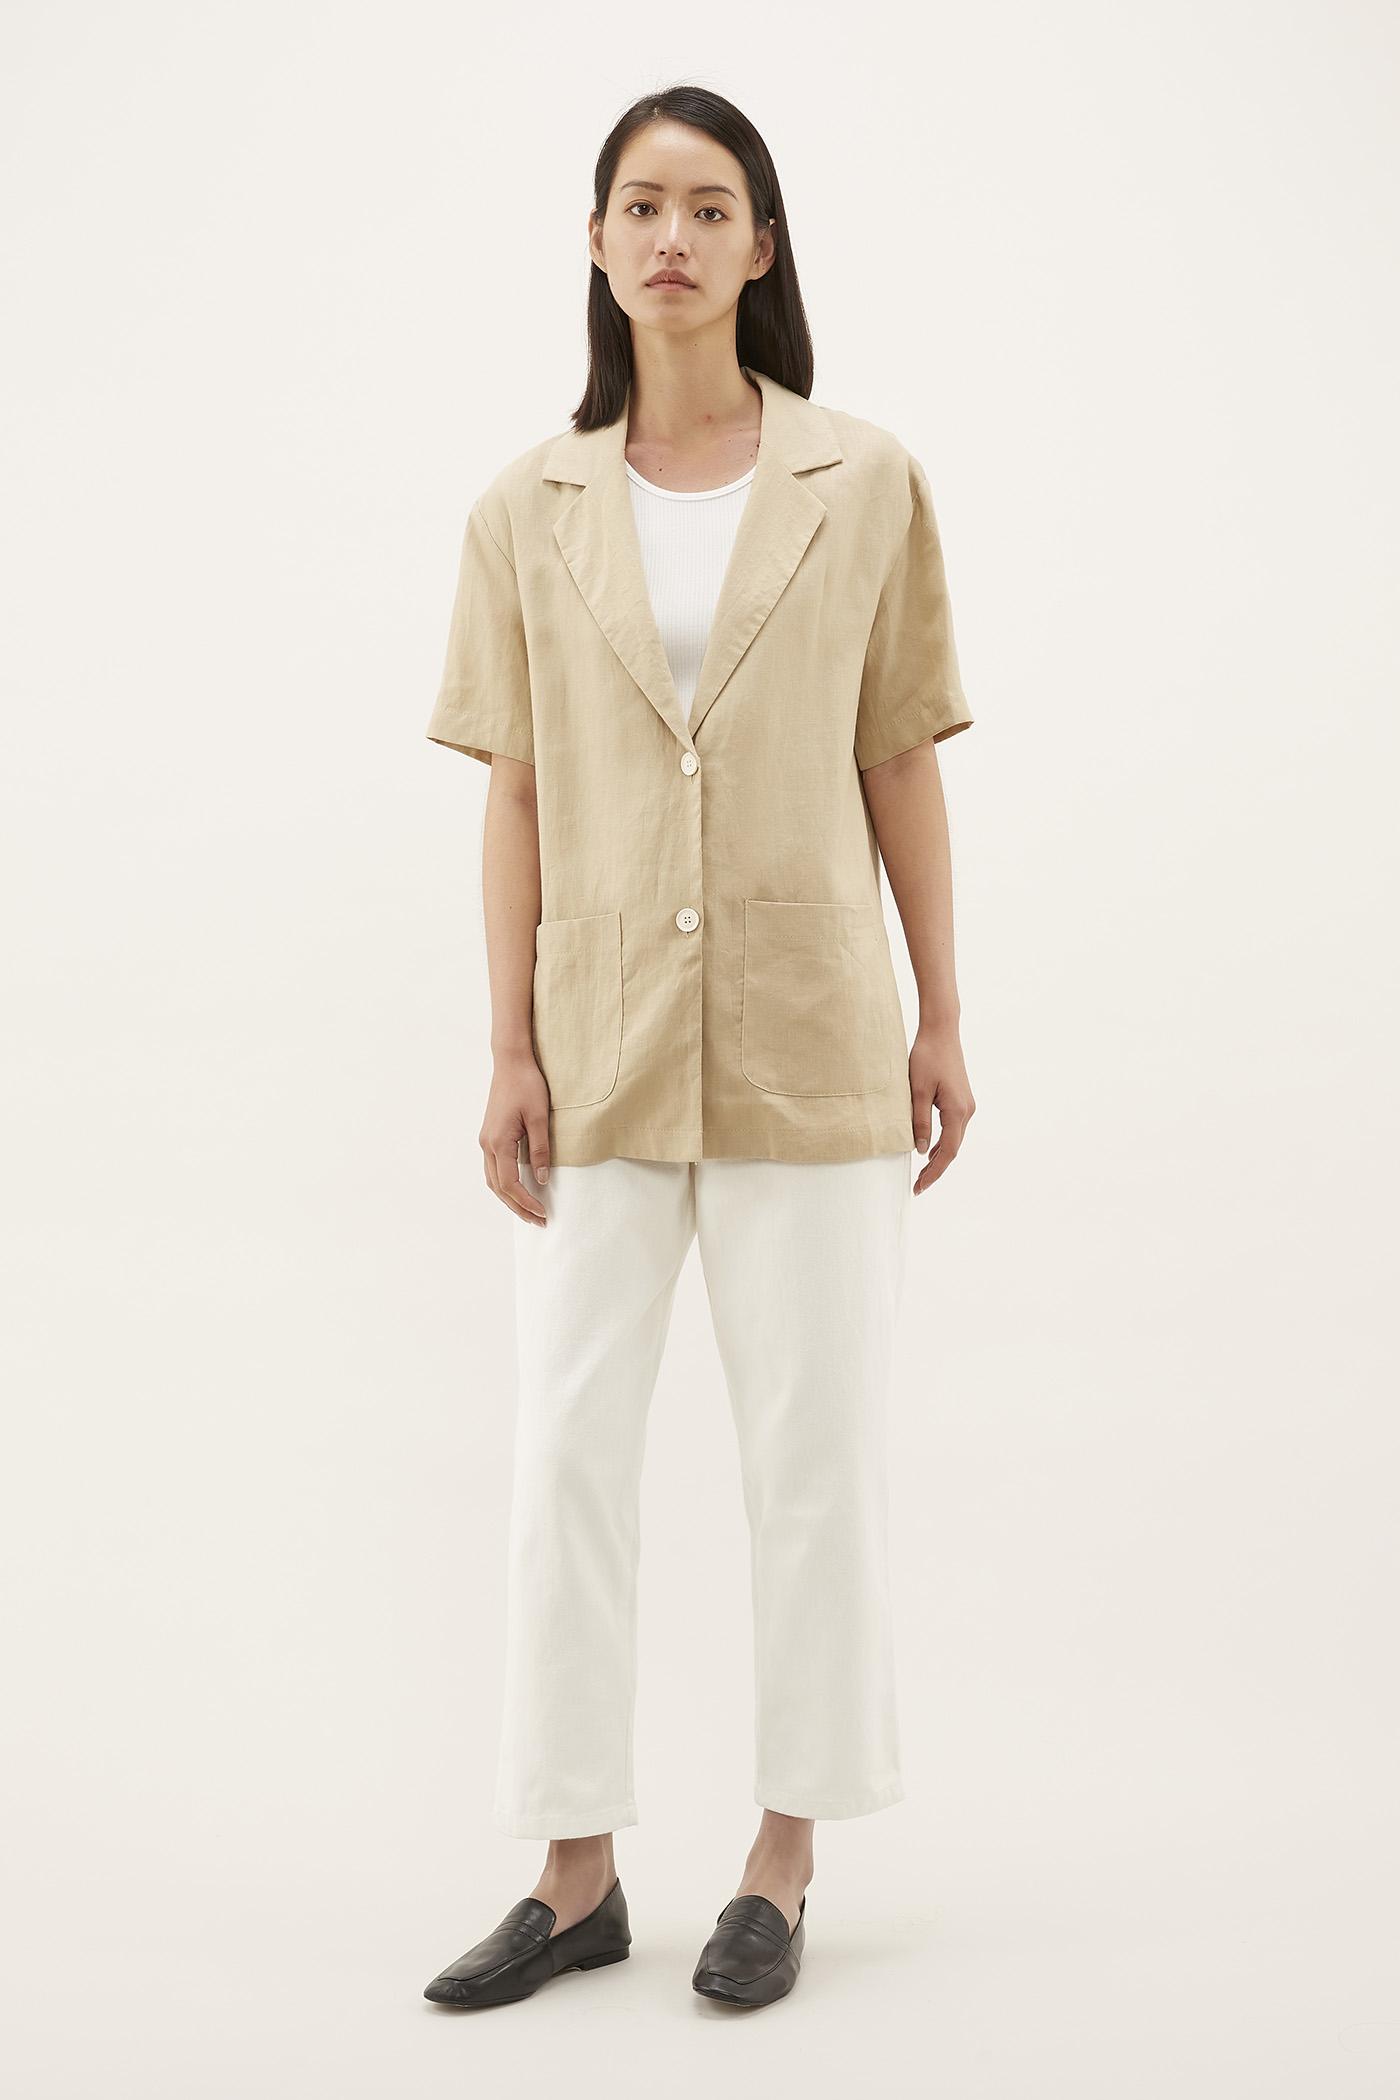 Loren Short-sleeve Blazer